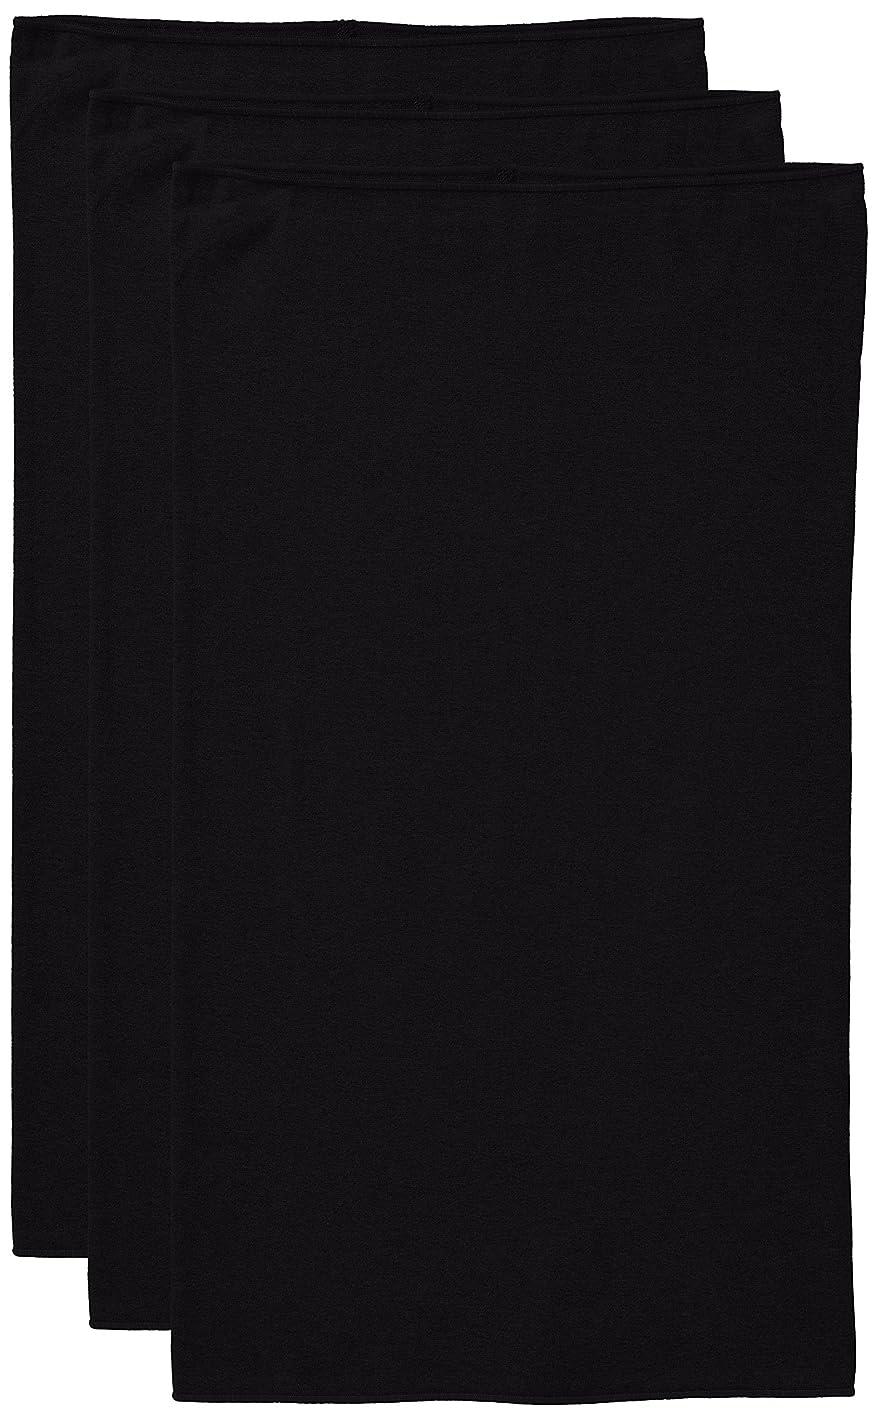 税金肘掛け椅子会計シルク腹巻 日本製 フリーサイズ ロング シルク99% 絹 腹巻き